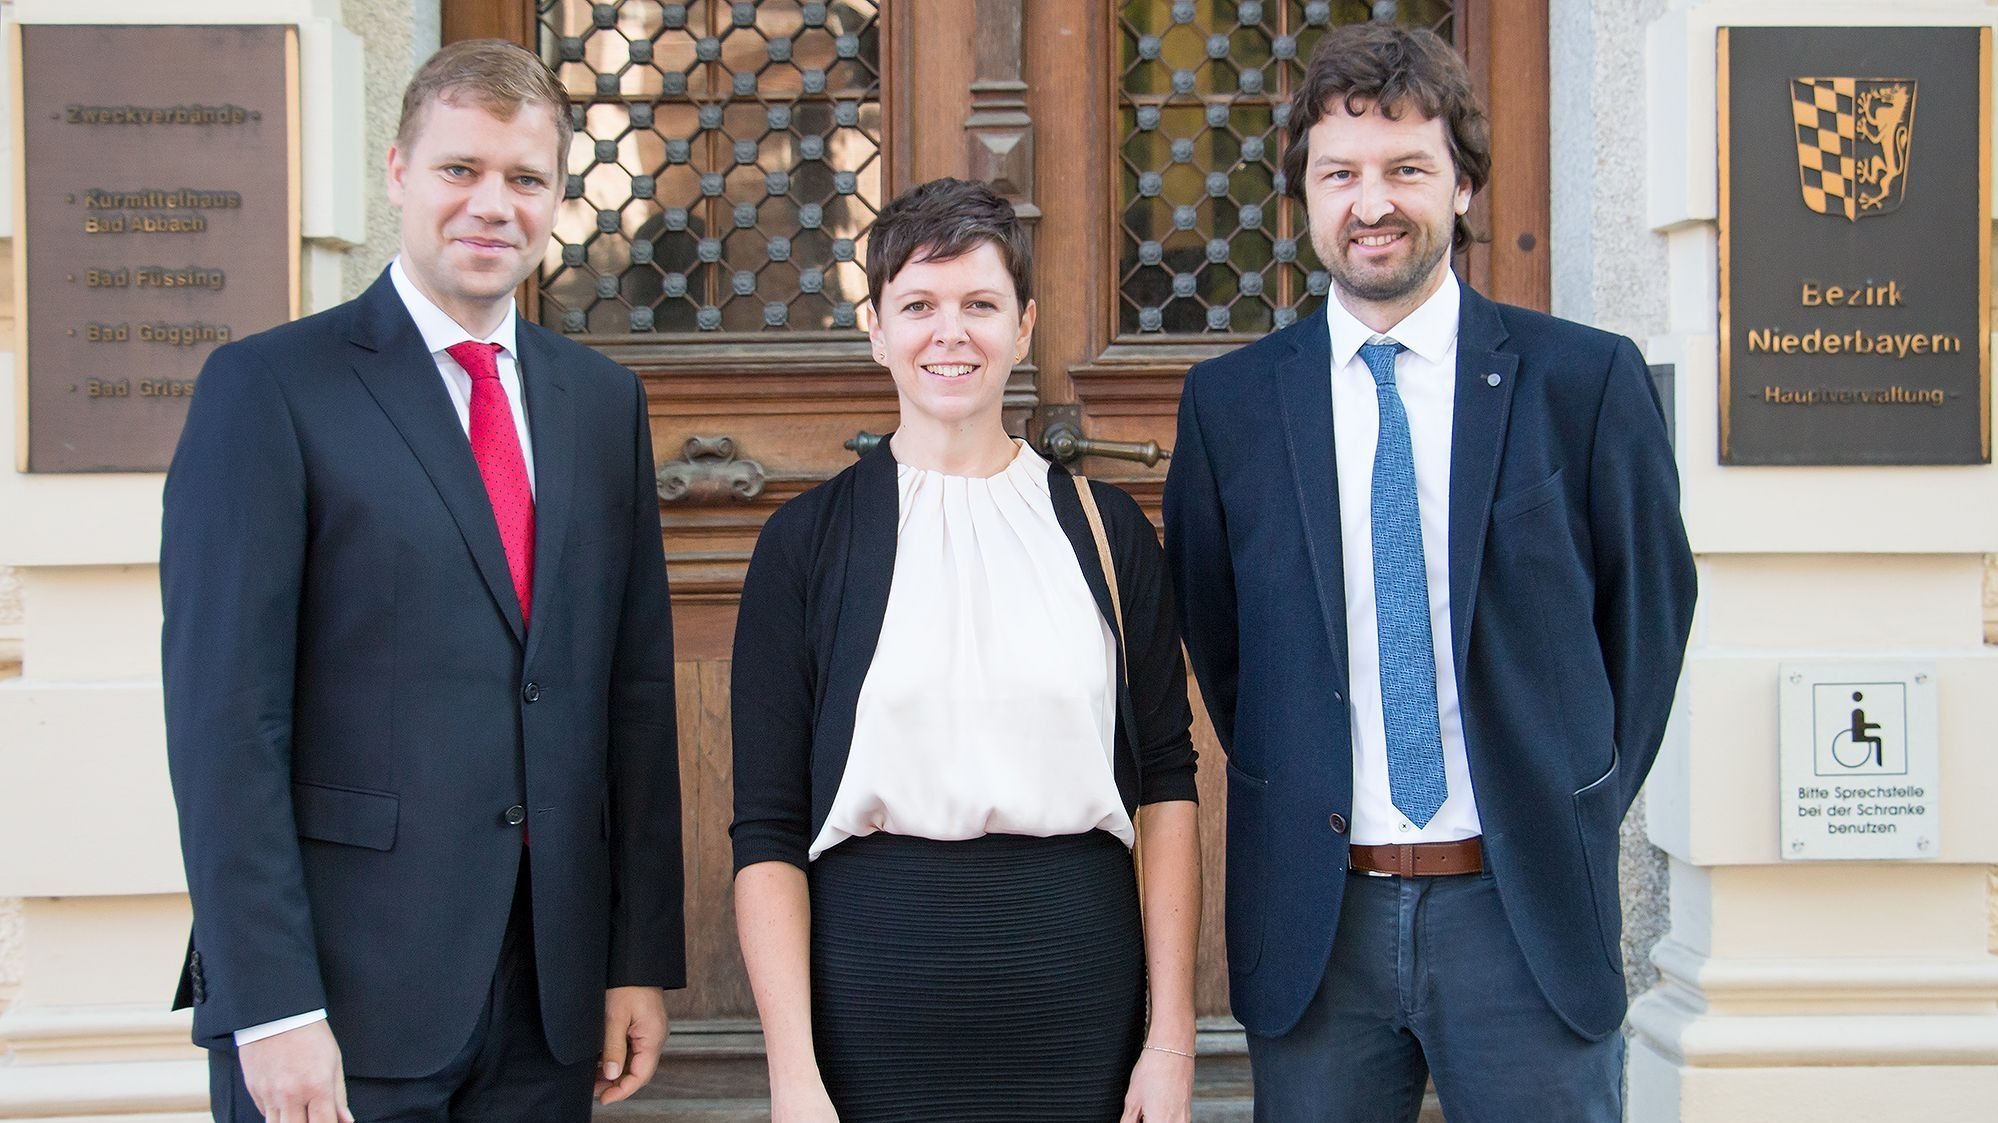 In der Mitte: Die Klimaschutzmanagerin des Bezirks Niederbayern